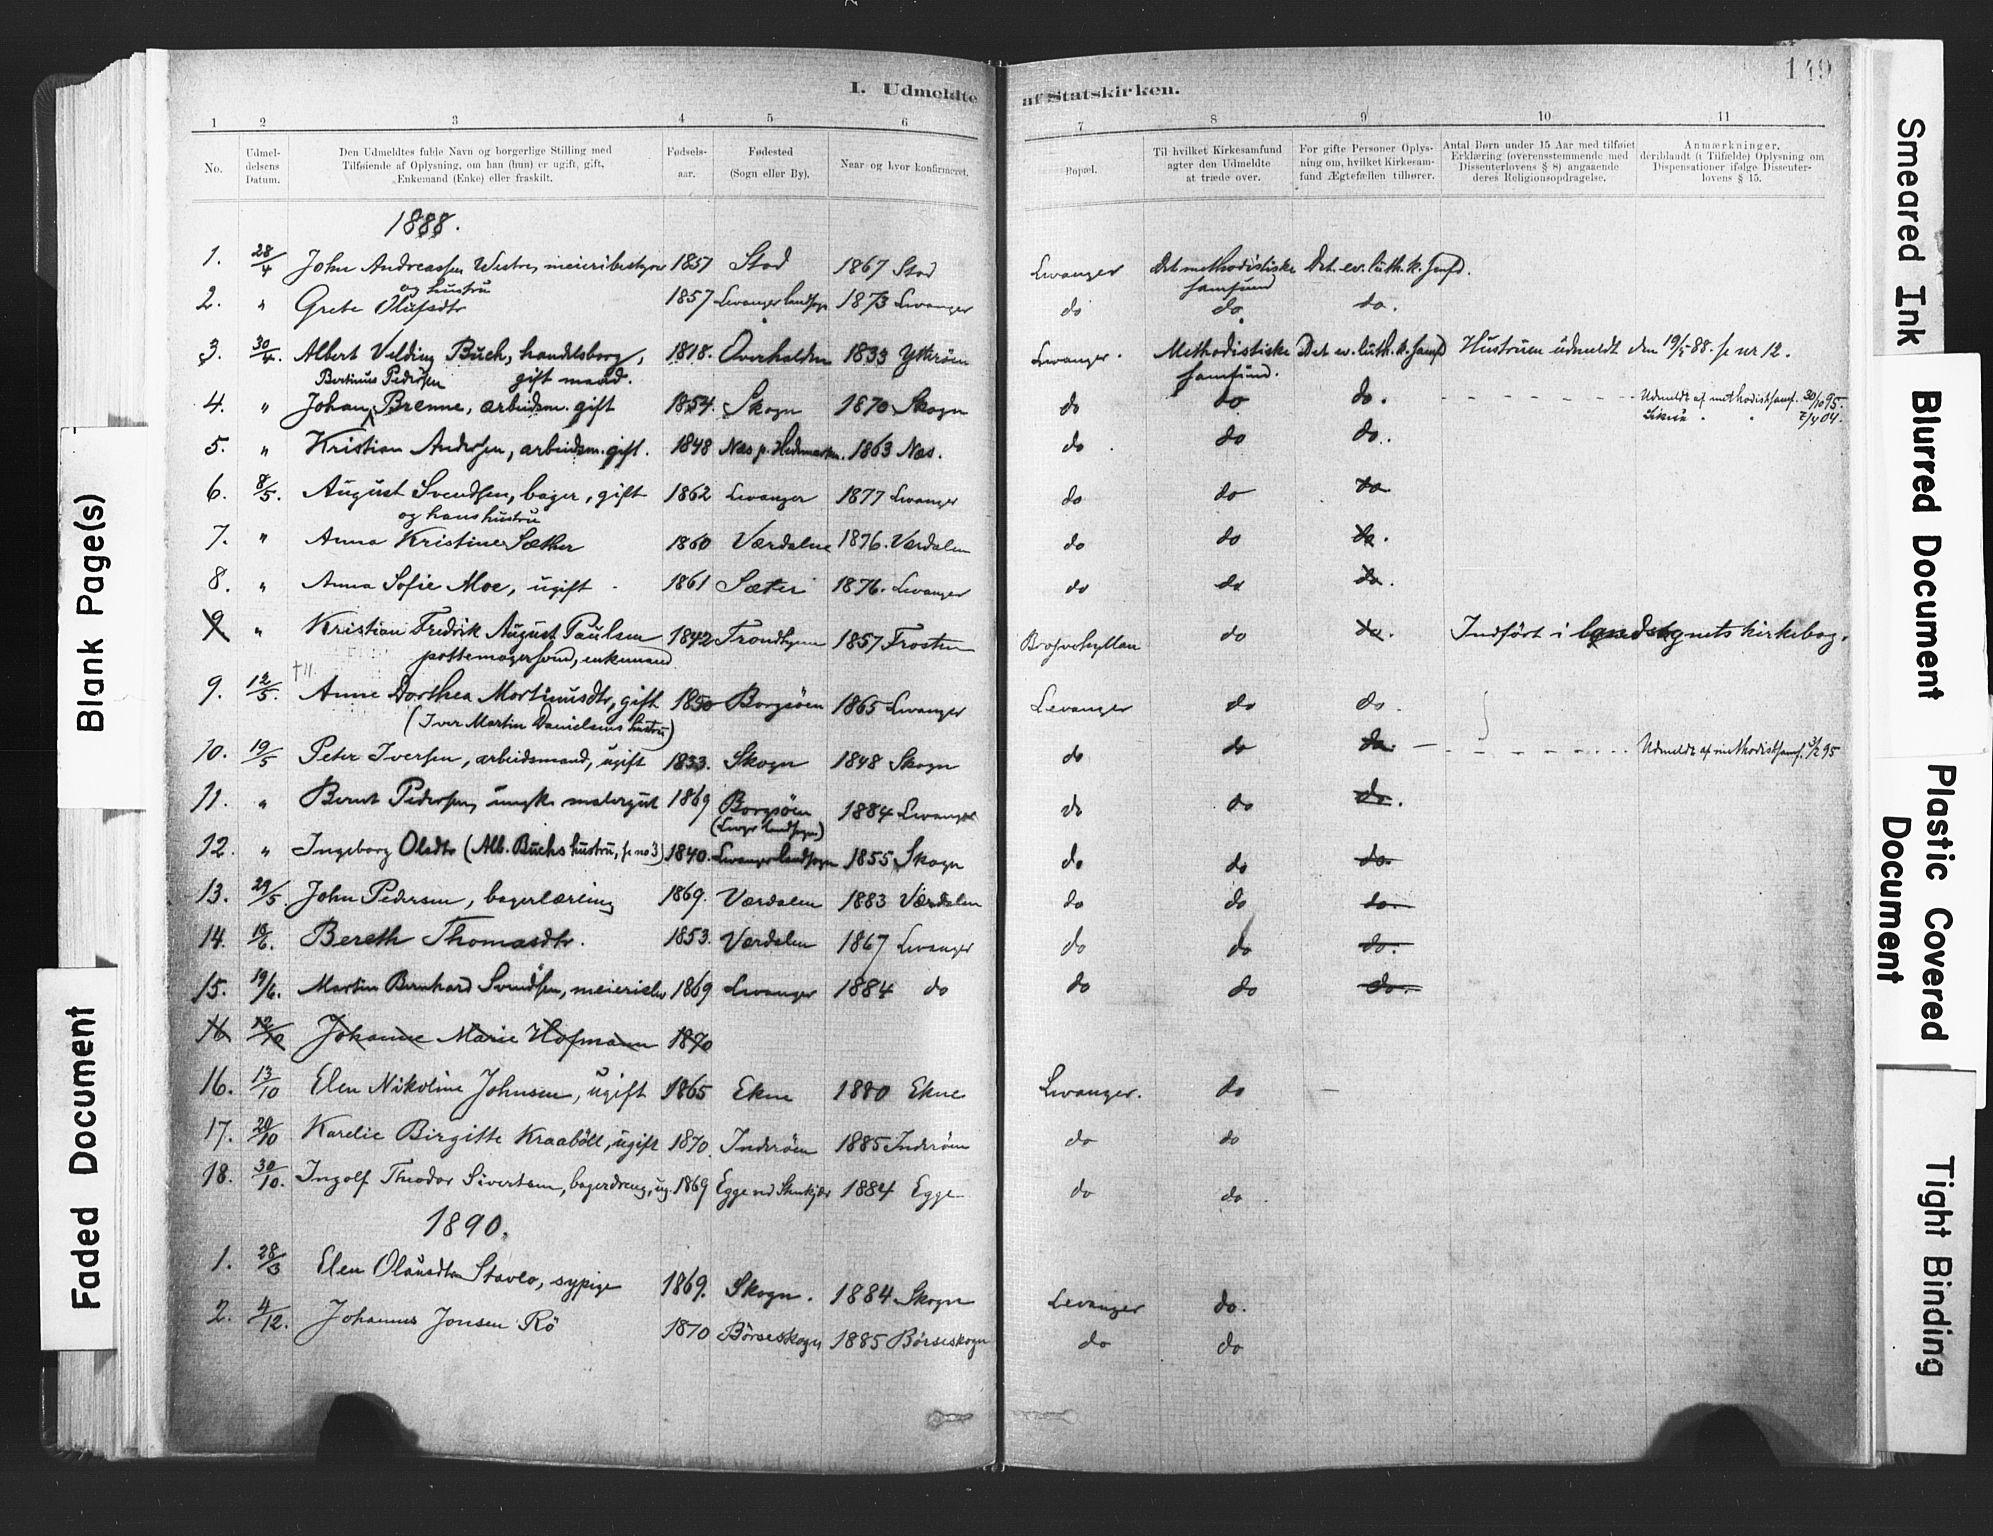 SAT, Ministerialprotokoller, klokkerbøker og fødselsregistre - Nord-Trøndelag, 720/L0189: Ministerialbok nr. 720A05, 1880-1911, s. 149